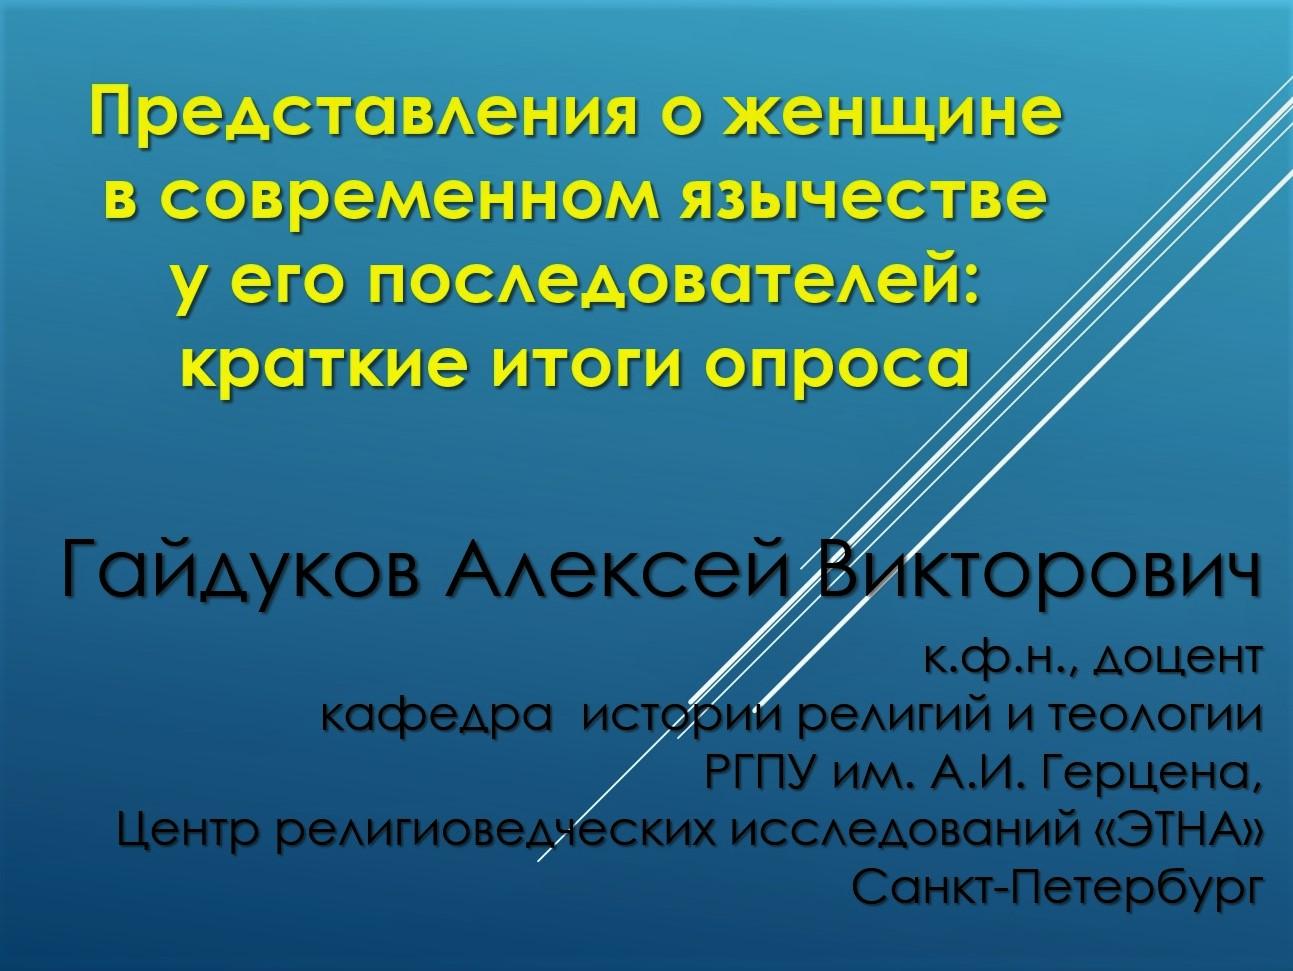 VII Кареевские чтения: история и теория социологии, РГПУ им. А.И. Герцена, 14.12.2018